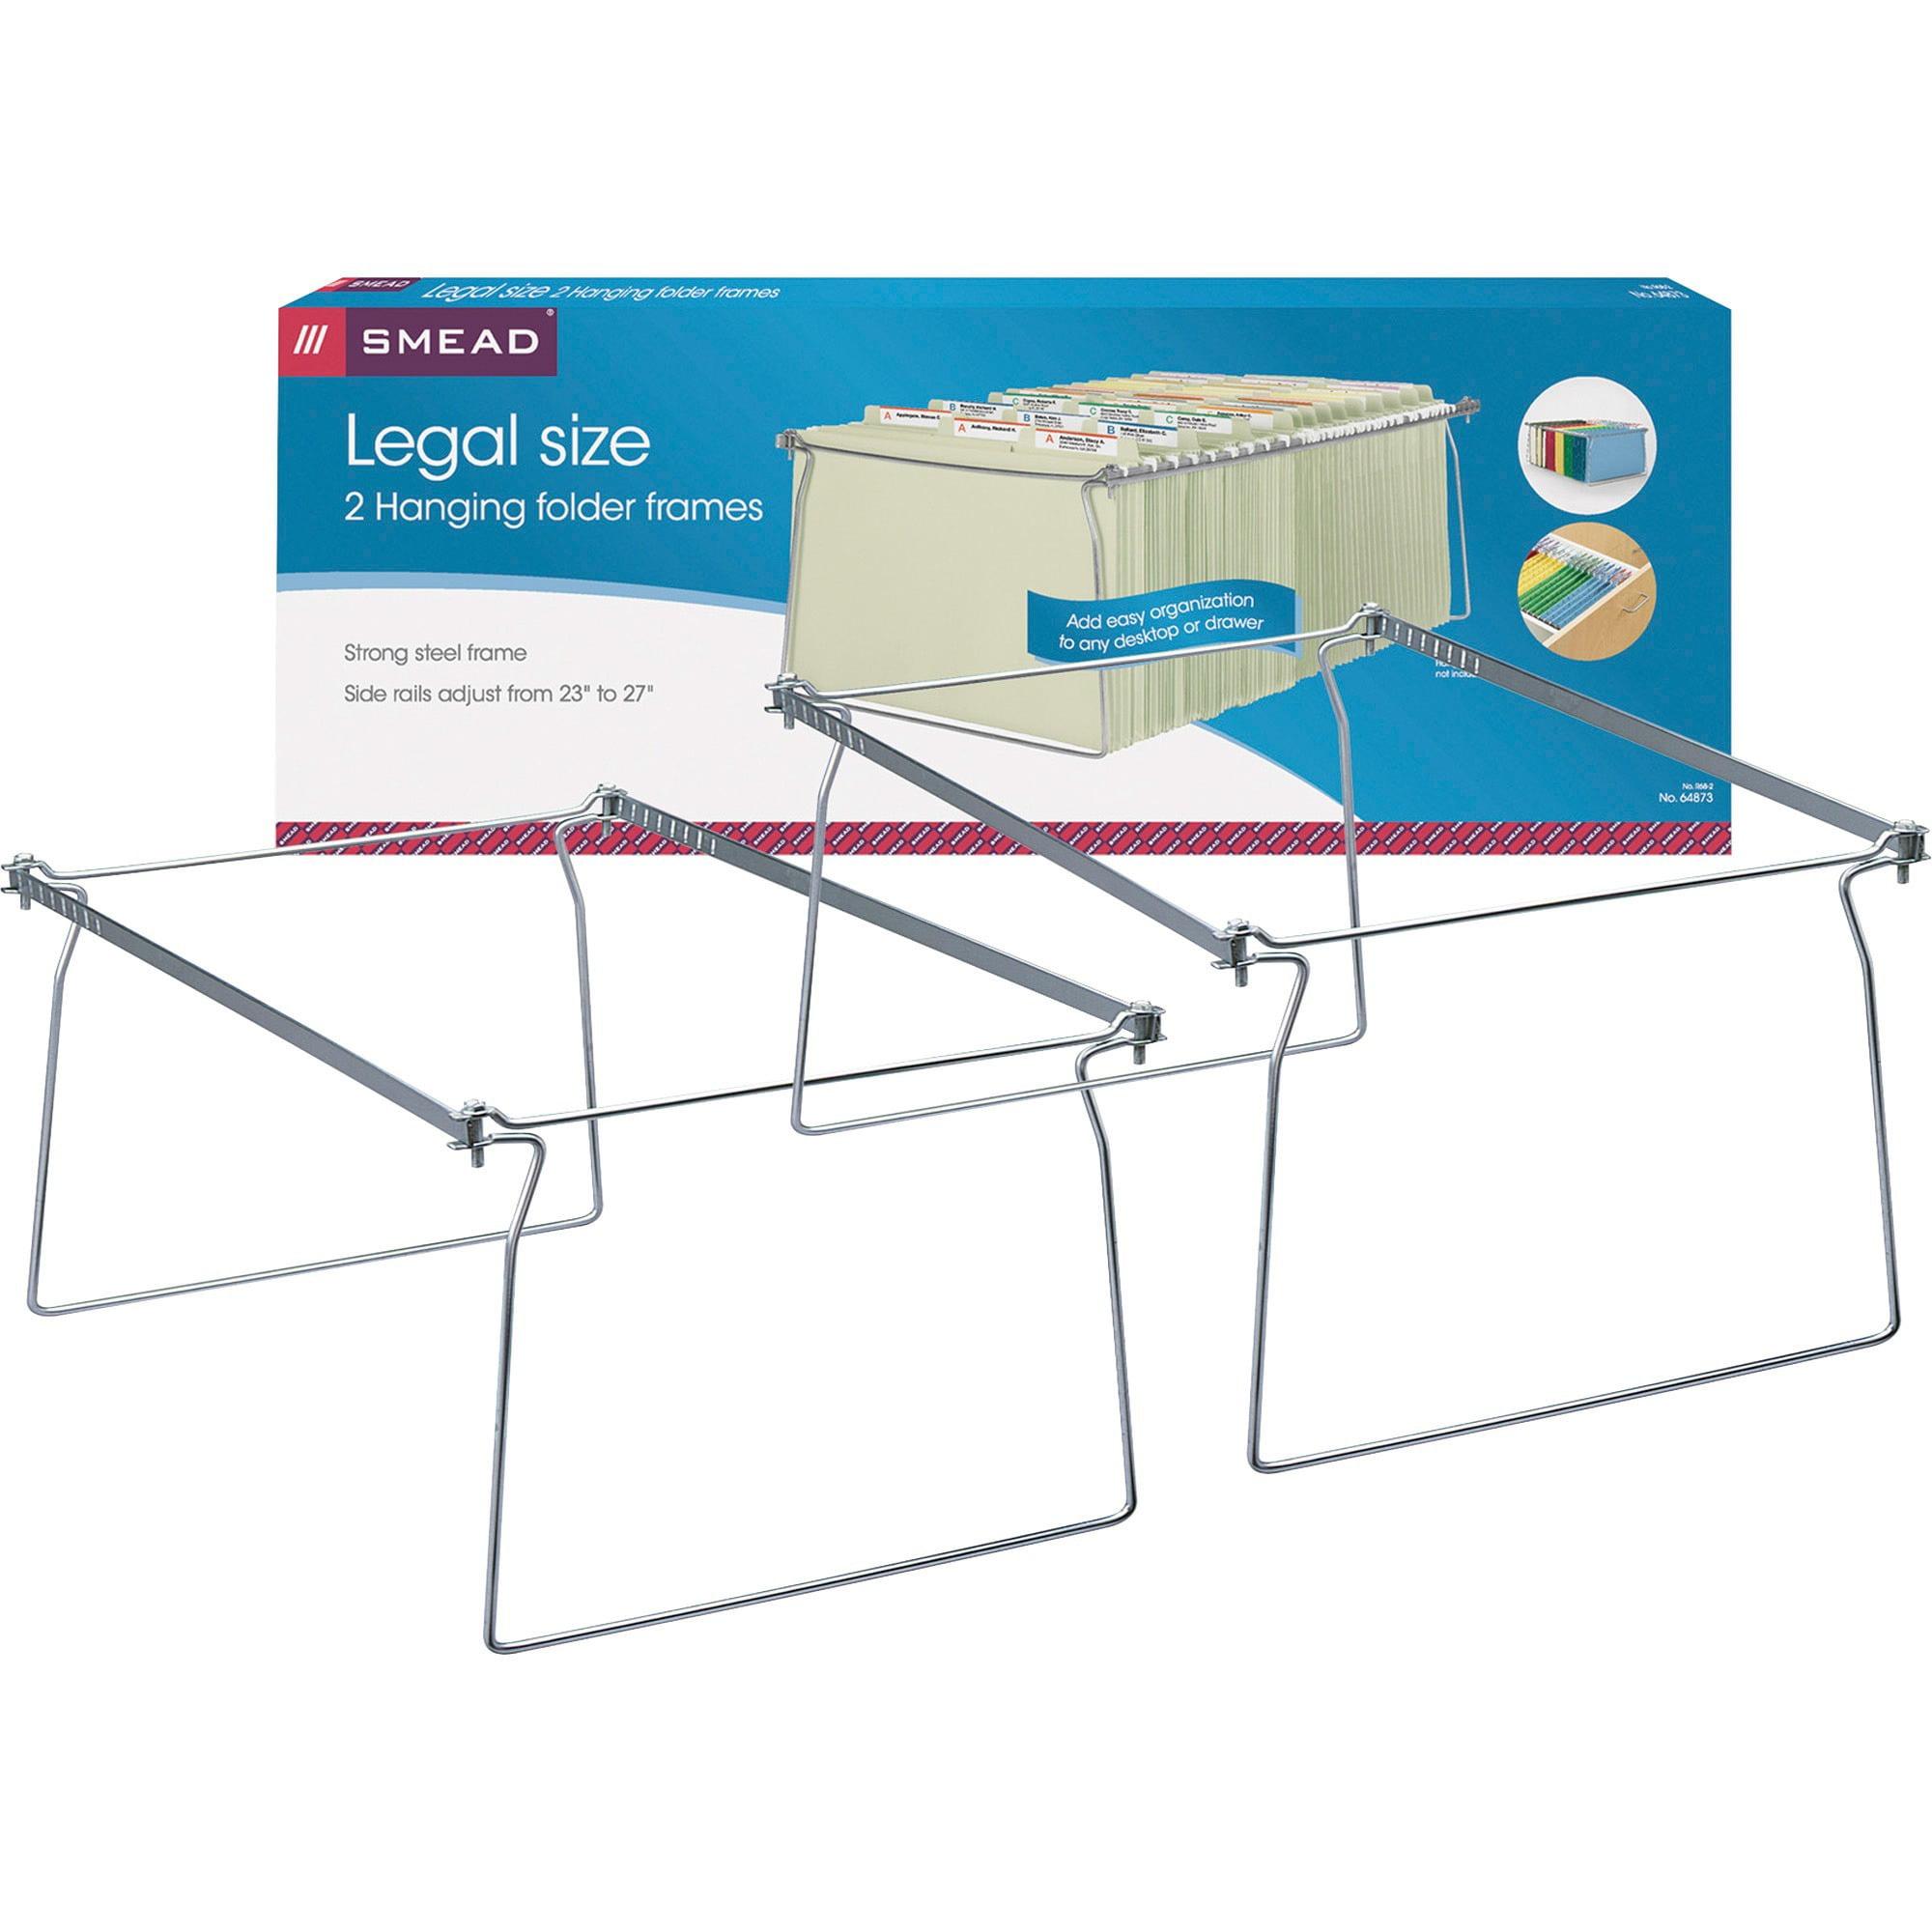 Smead Steel Hanging File Folder Frames, Legal Size, Steel, 2 per Pack (64873)